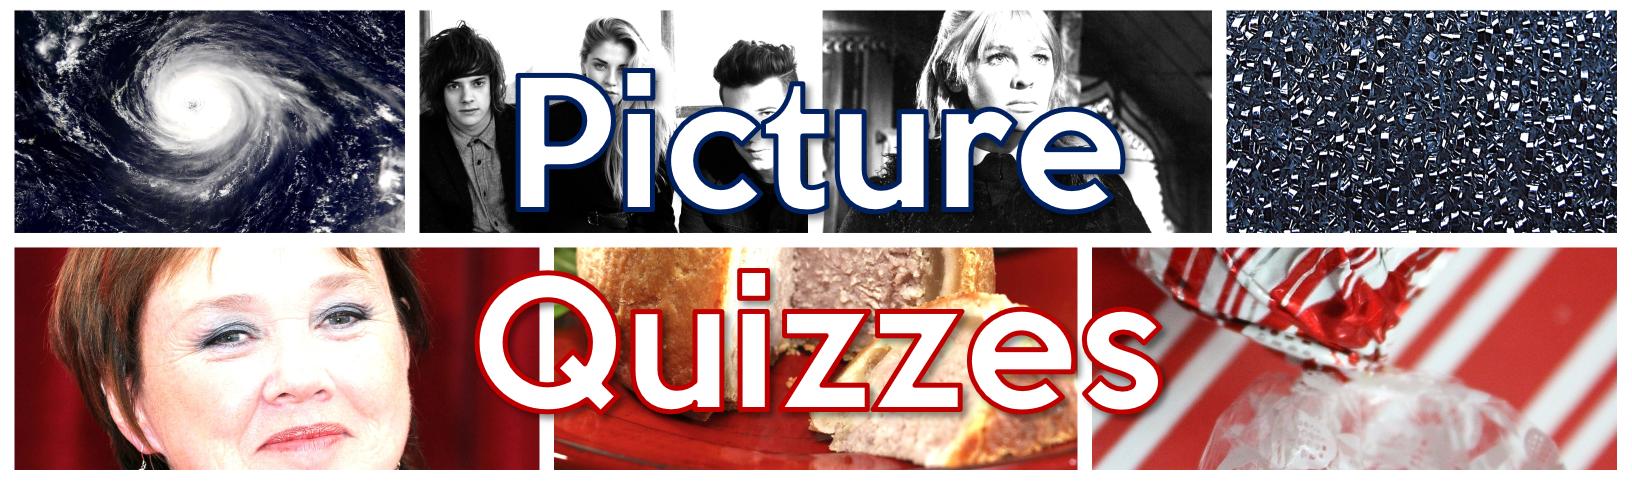 Picture Quizzes